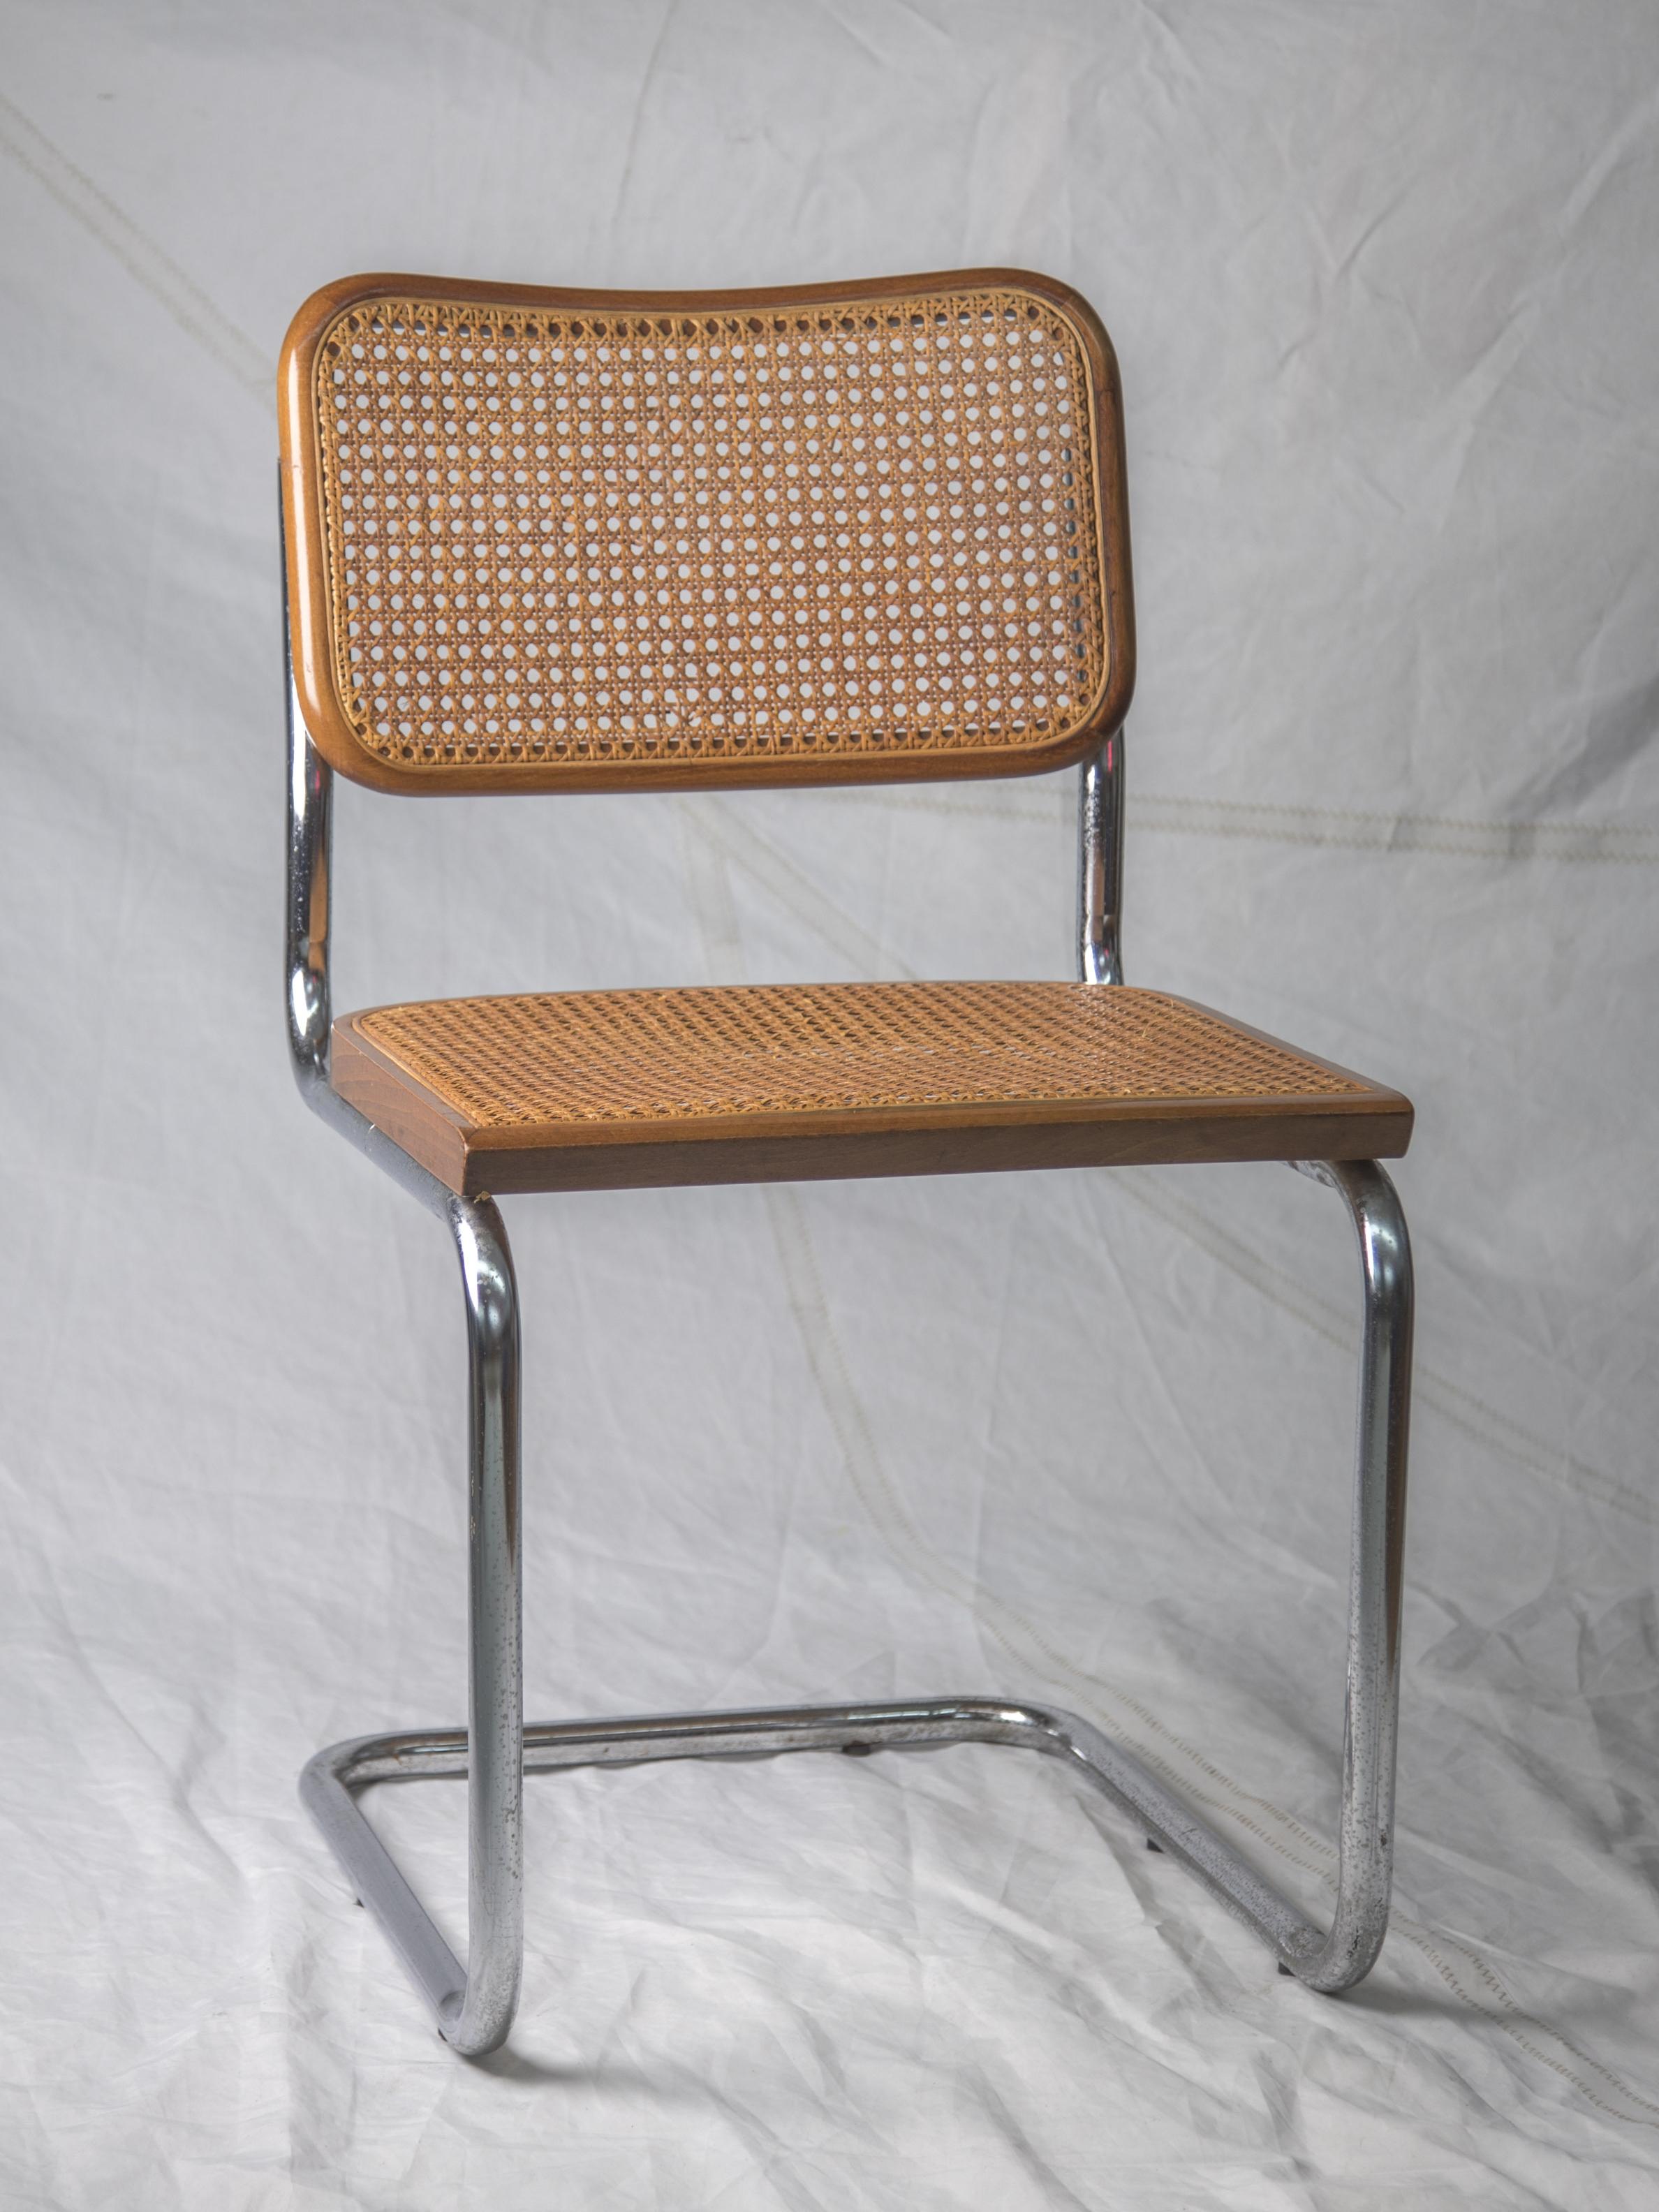 CH059  Marcel Breuer Cesca Chair   $125/week